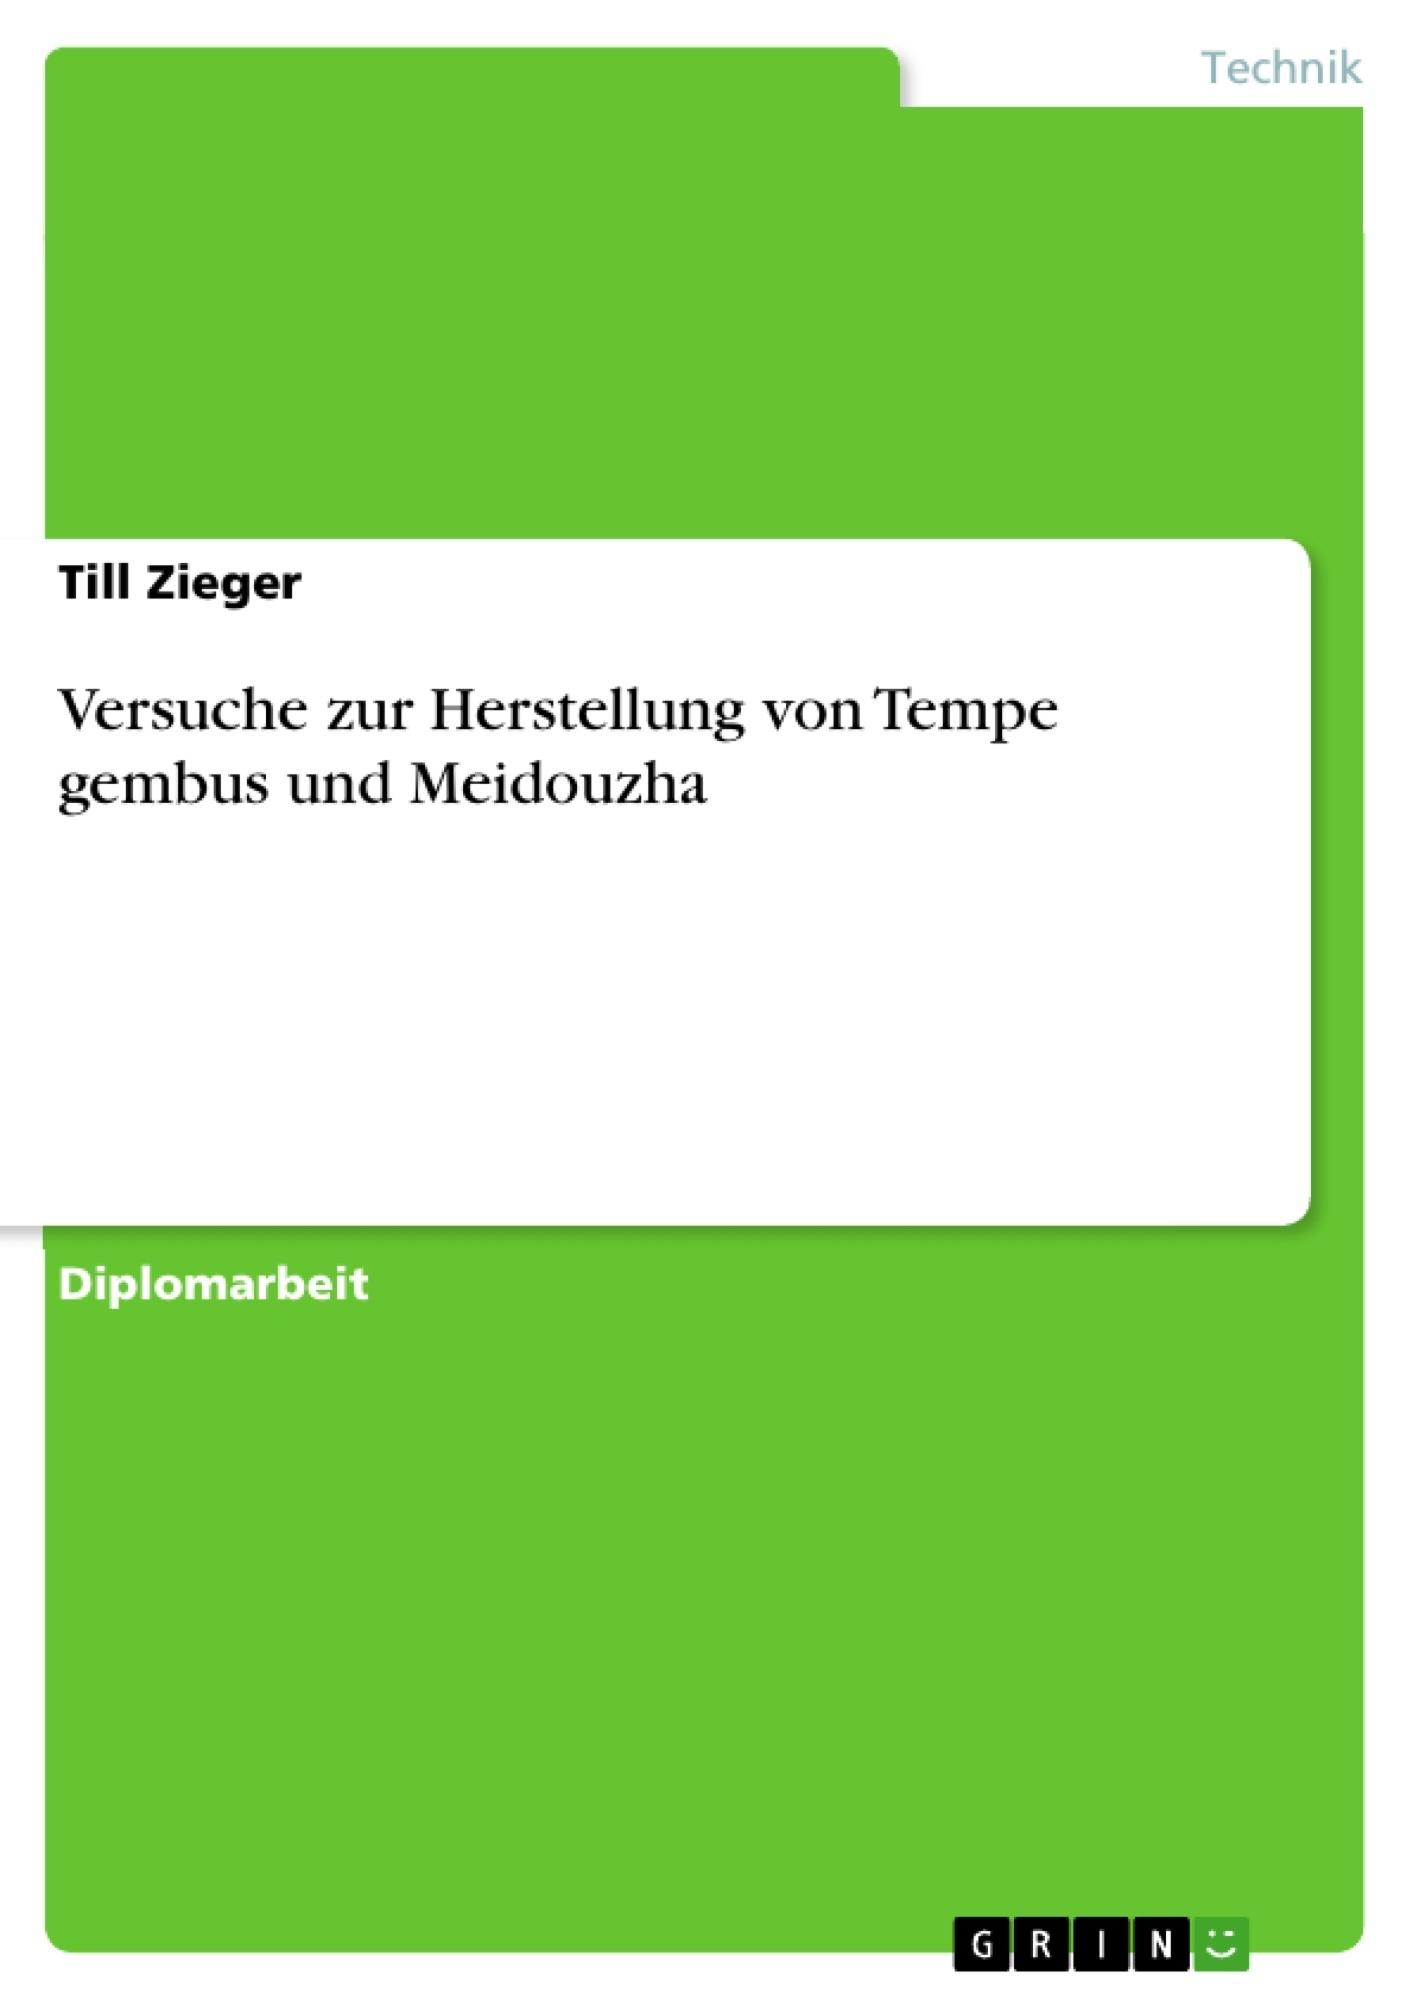 Titel: Versuche zur Herstellung von Tempe gembus und Meidouzha